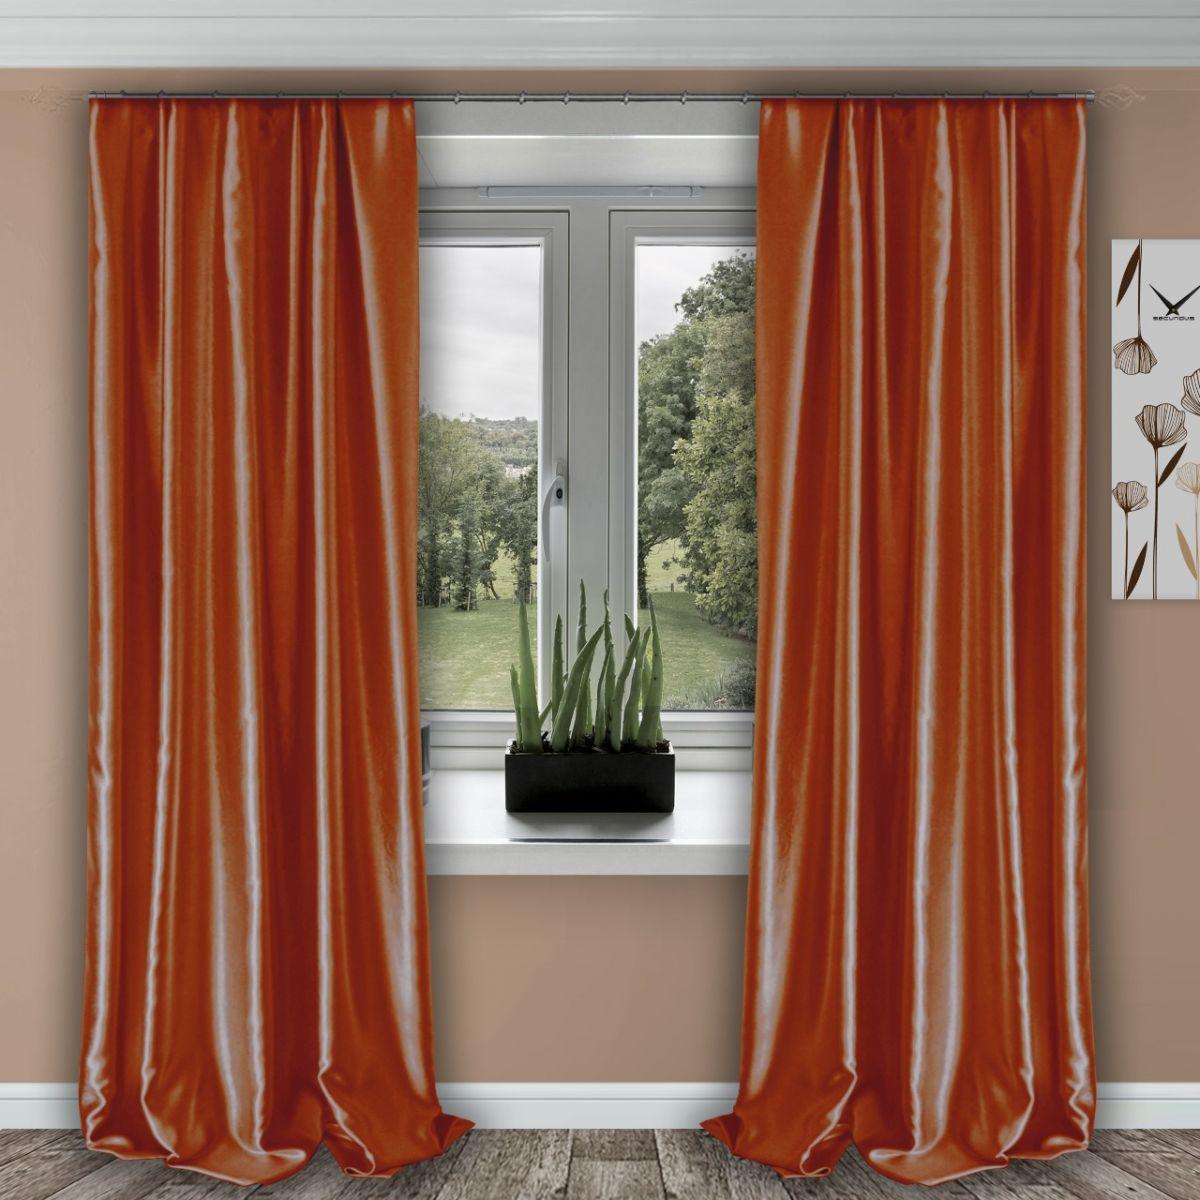 Комплект штор № 011, (270*150)х2, оранжевый (возможно дополнительное комплектование занавеской из вуали артикул № 3-02 оранжевый)